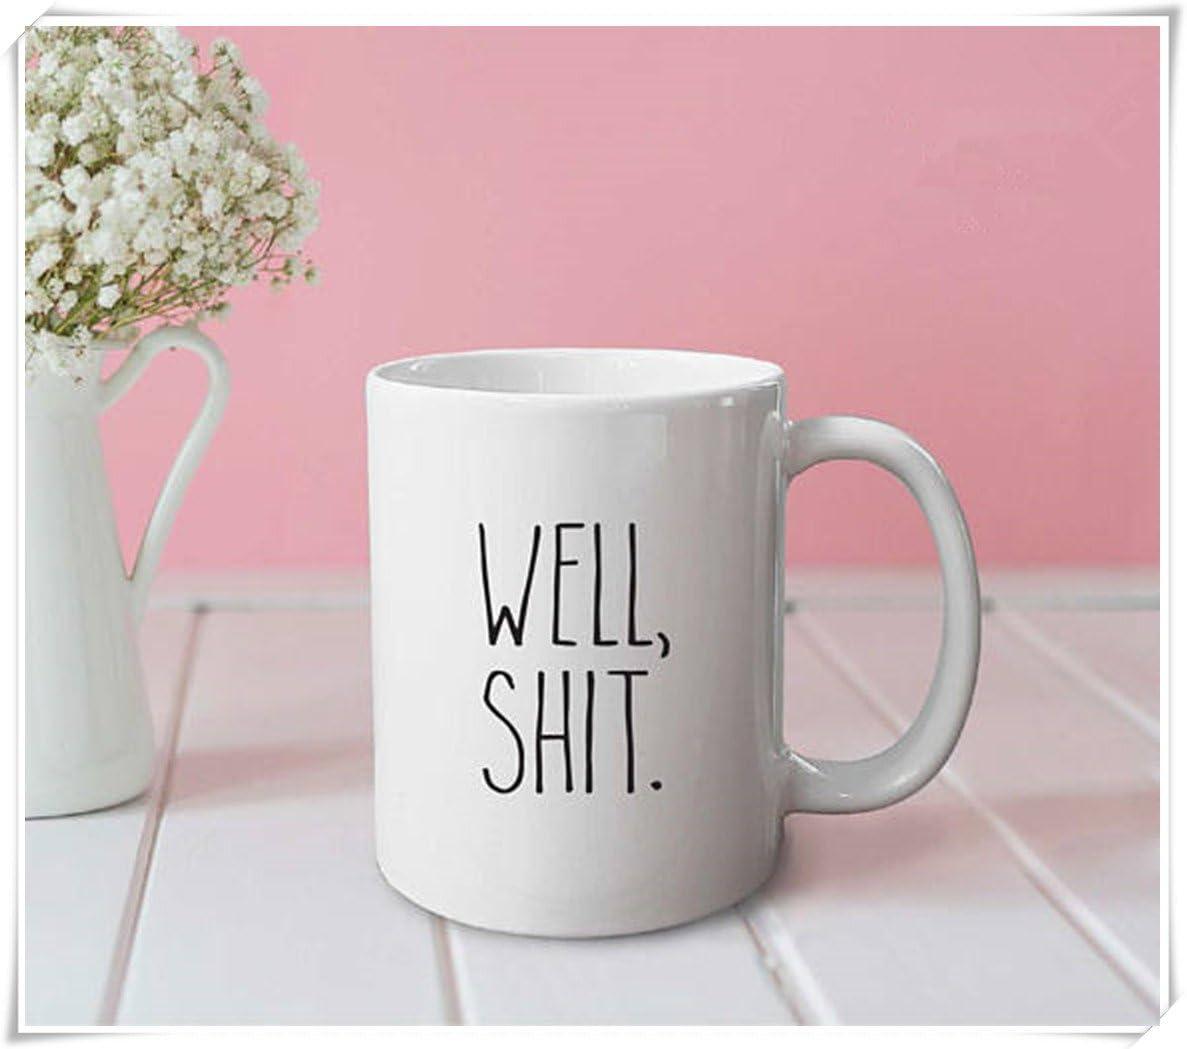 OttoRiven101 - Well, shit mug - funny mug, cute mug, office mug, gifts for her, gifts for him, coffee mug, 11oz Ceramic Coffee Mug/Tea Cup, High Gloss